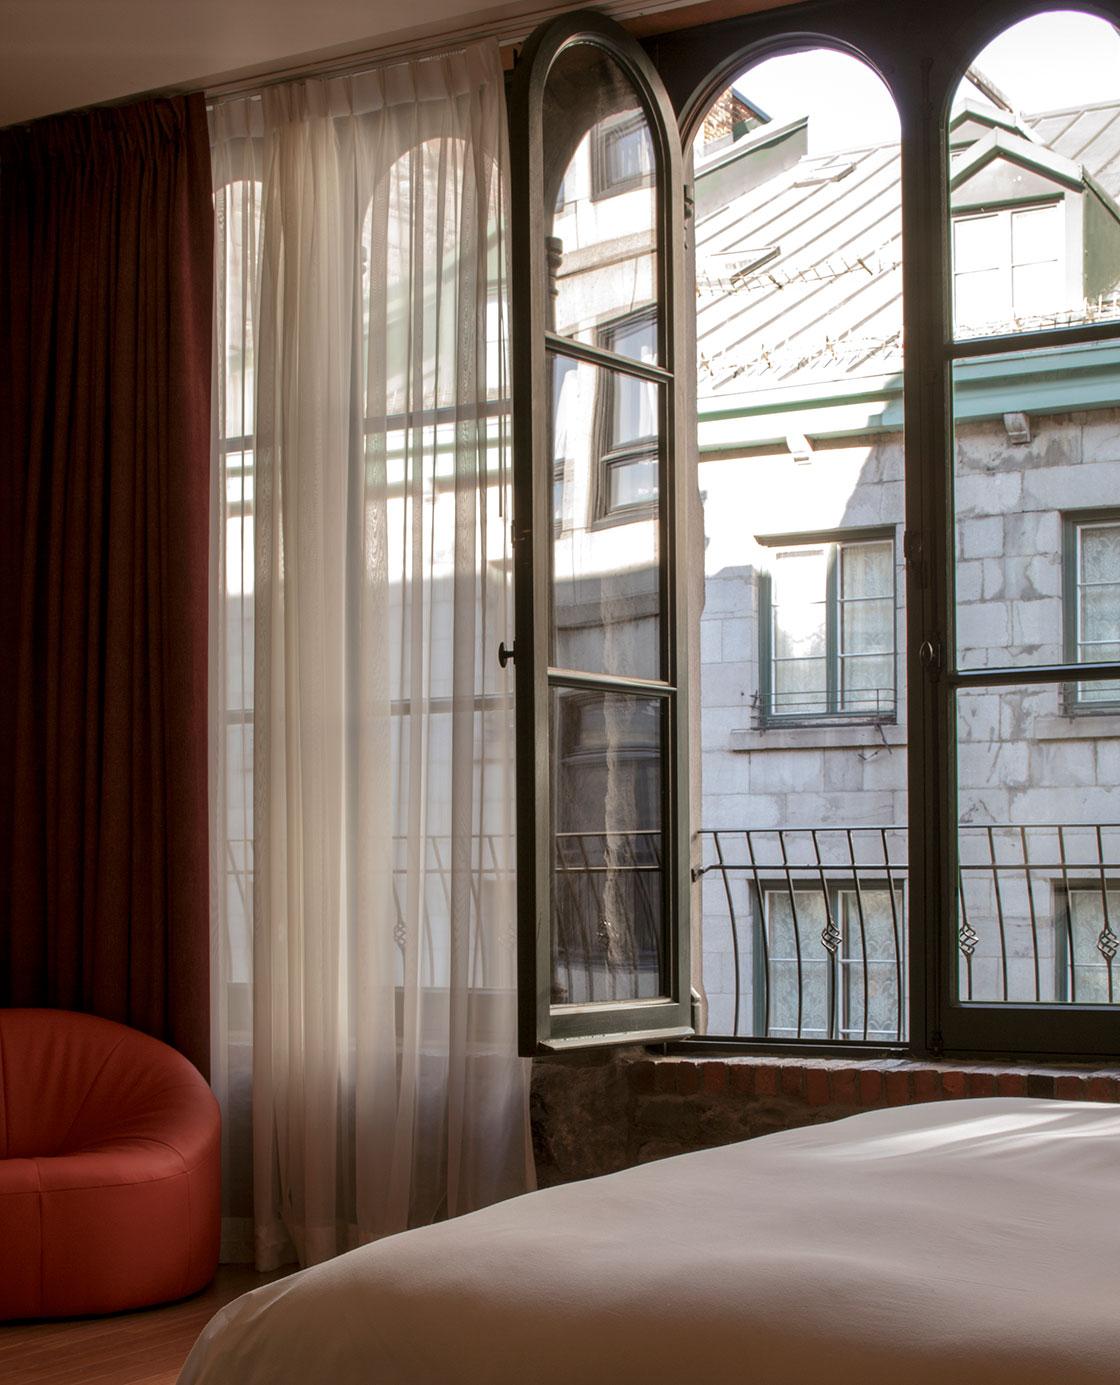 Un fauteuil orange et un lit devant une fenêtre ouverte sur l'extérieur dans une des chambres du Petit Hôtel.